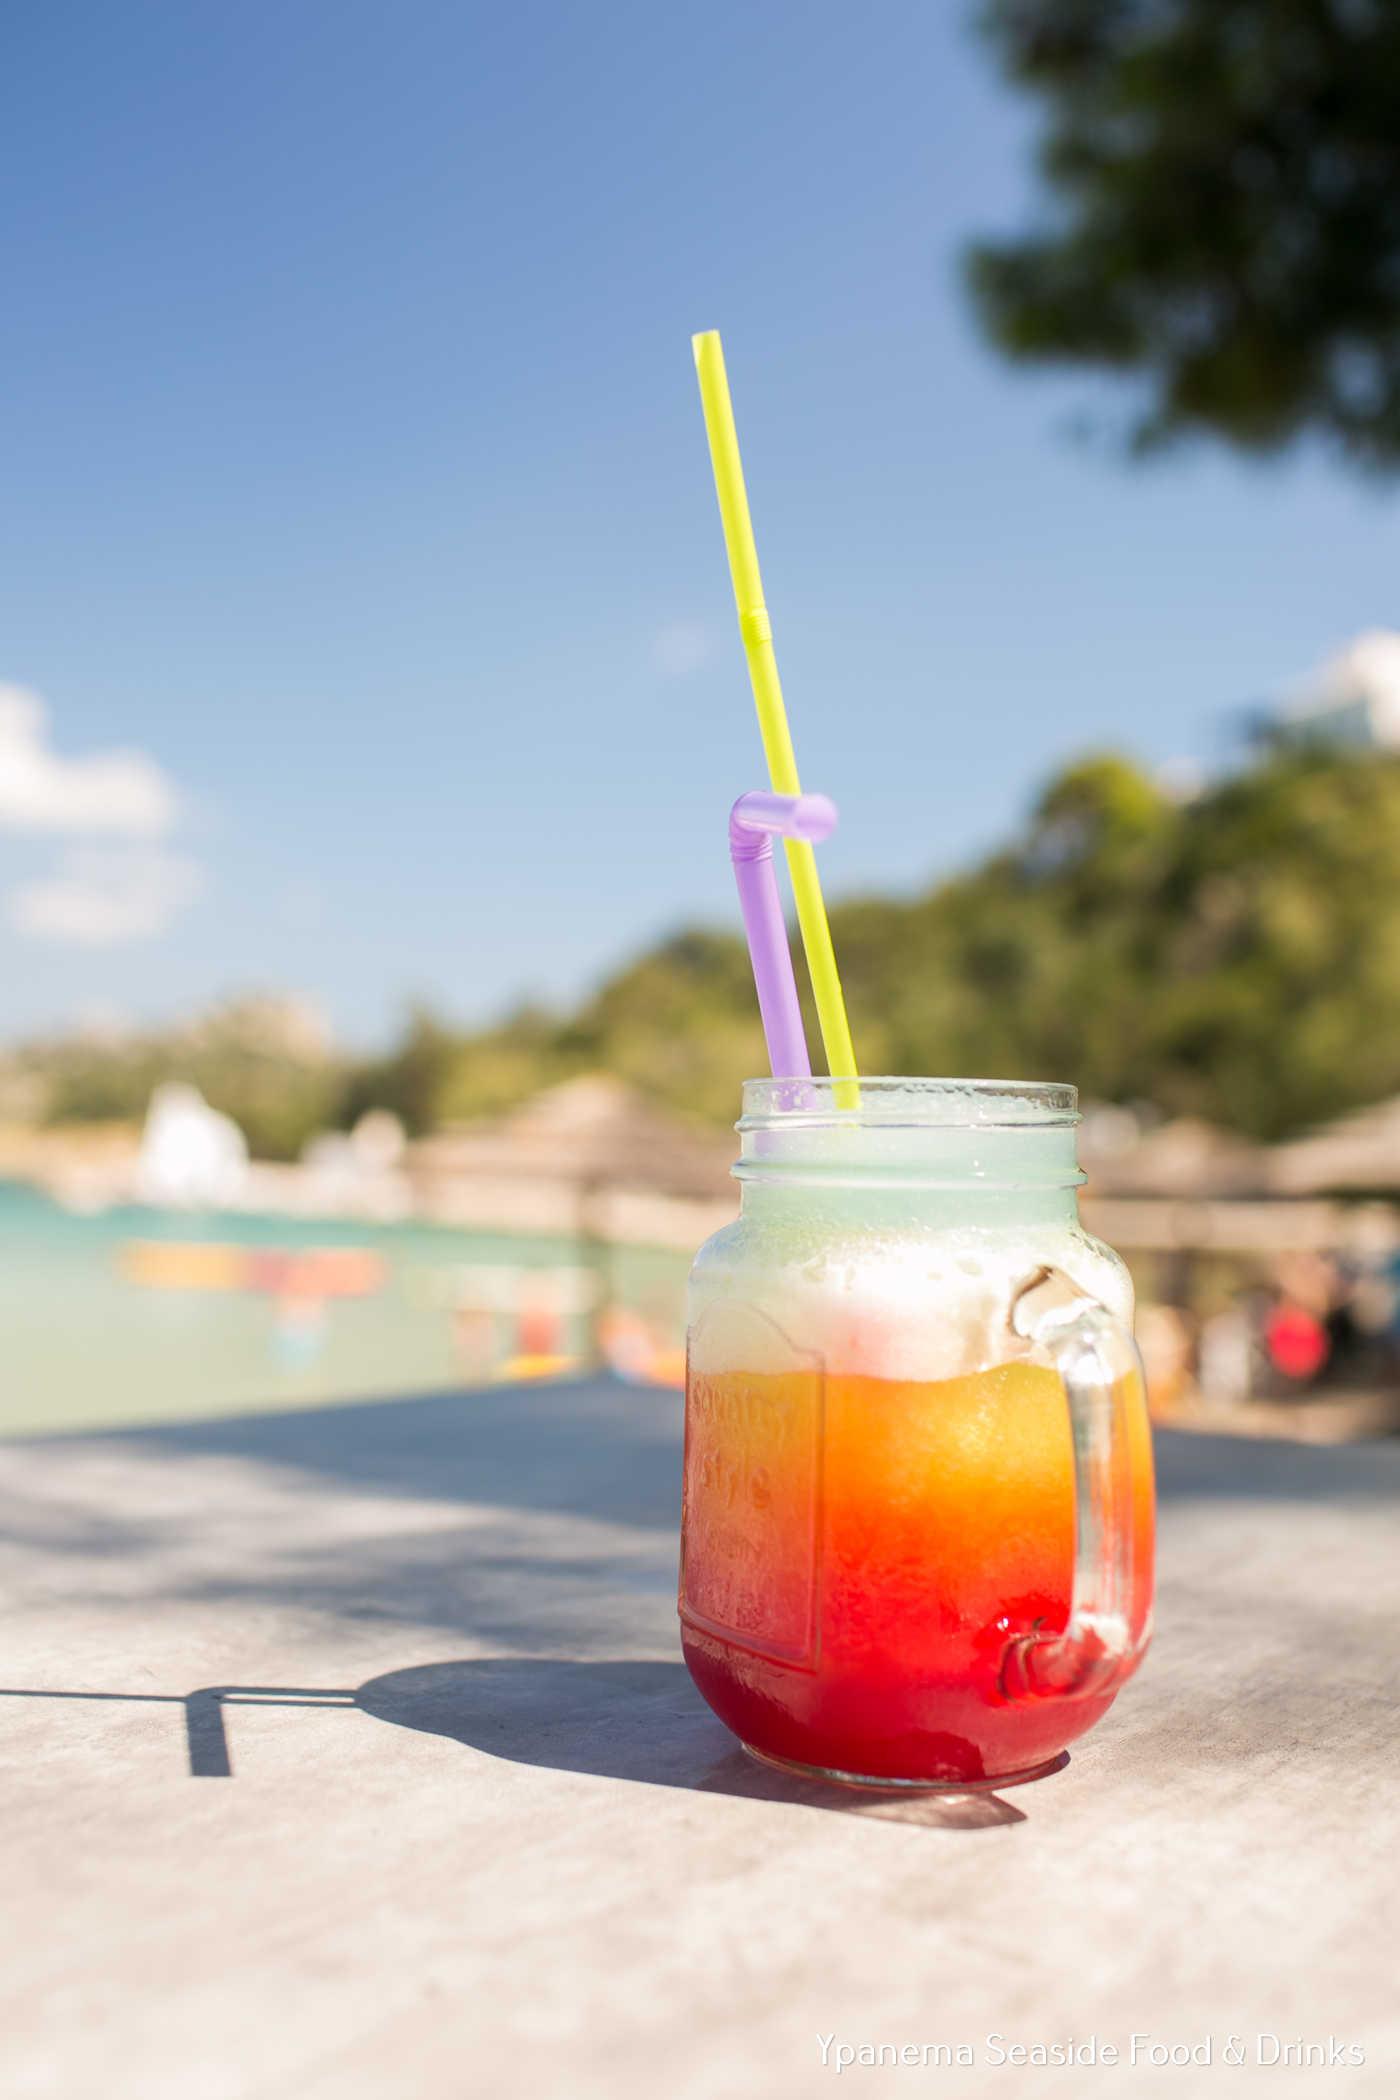 Ypanema Seaside Food & Drinks35